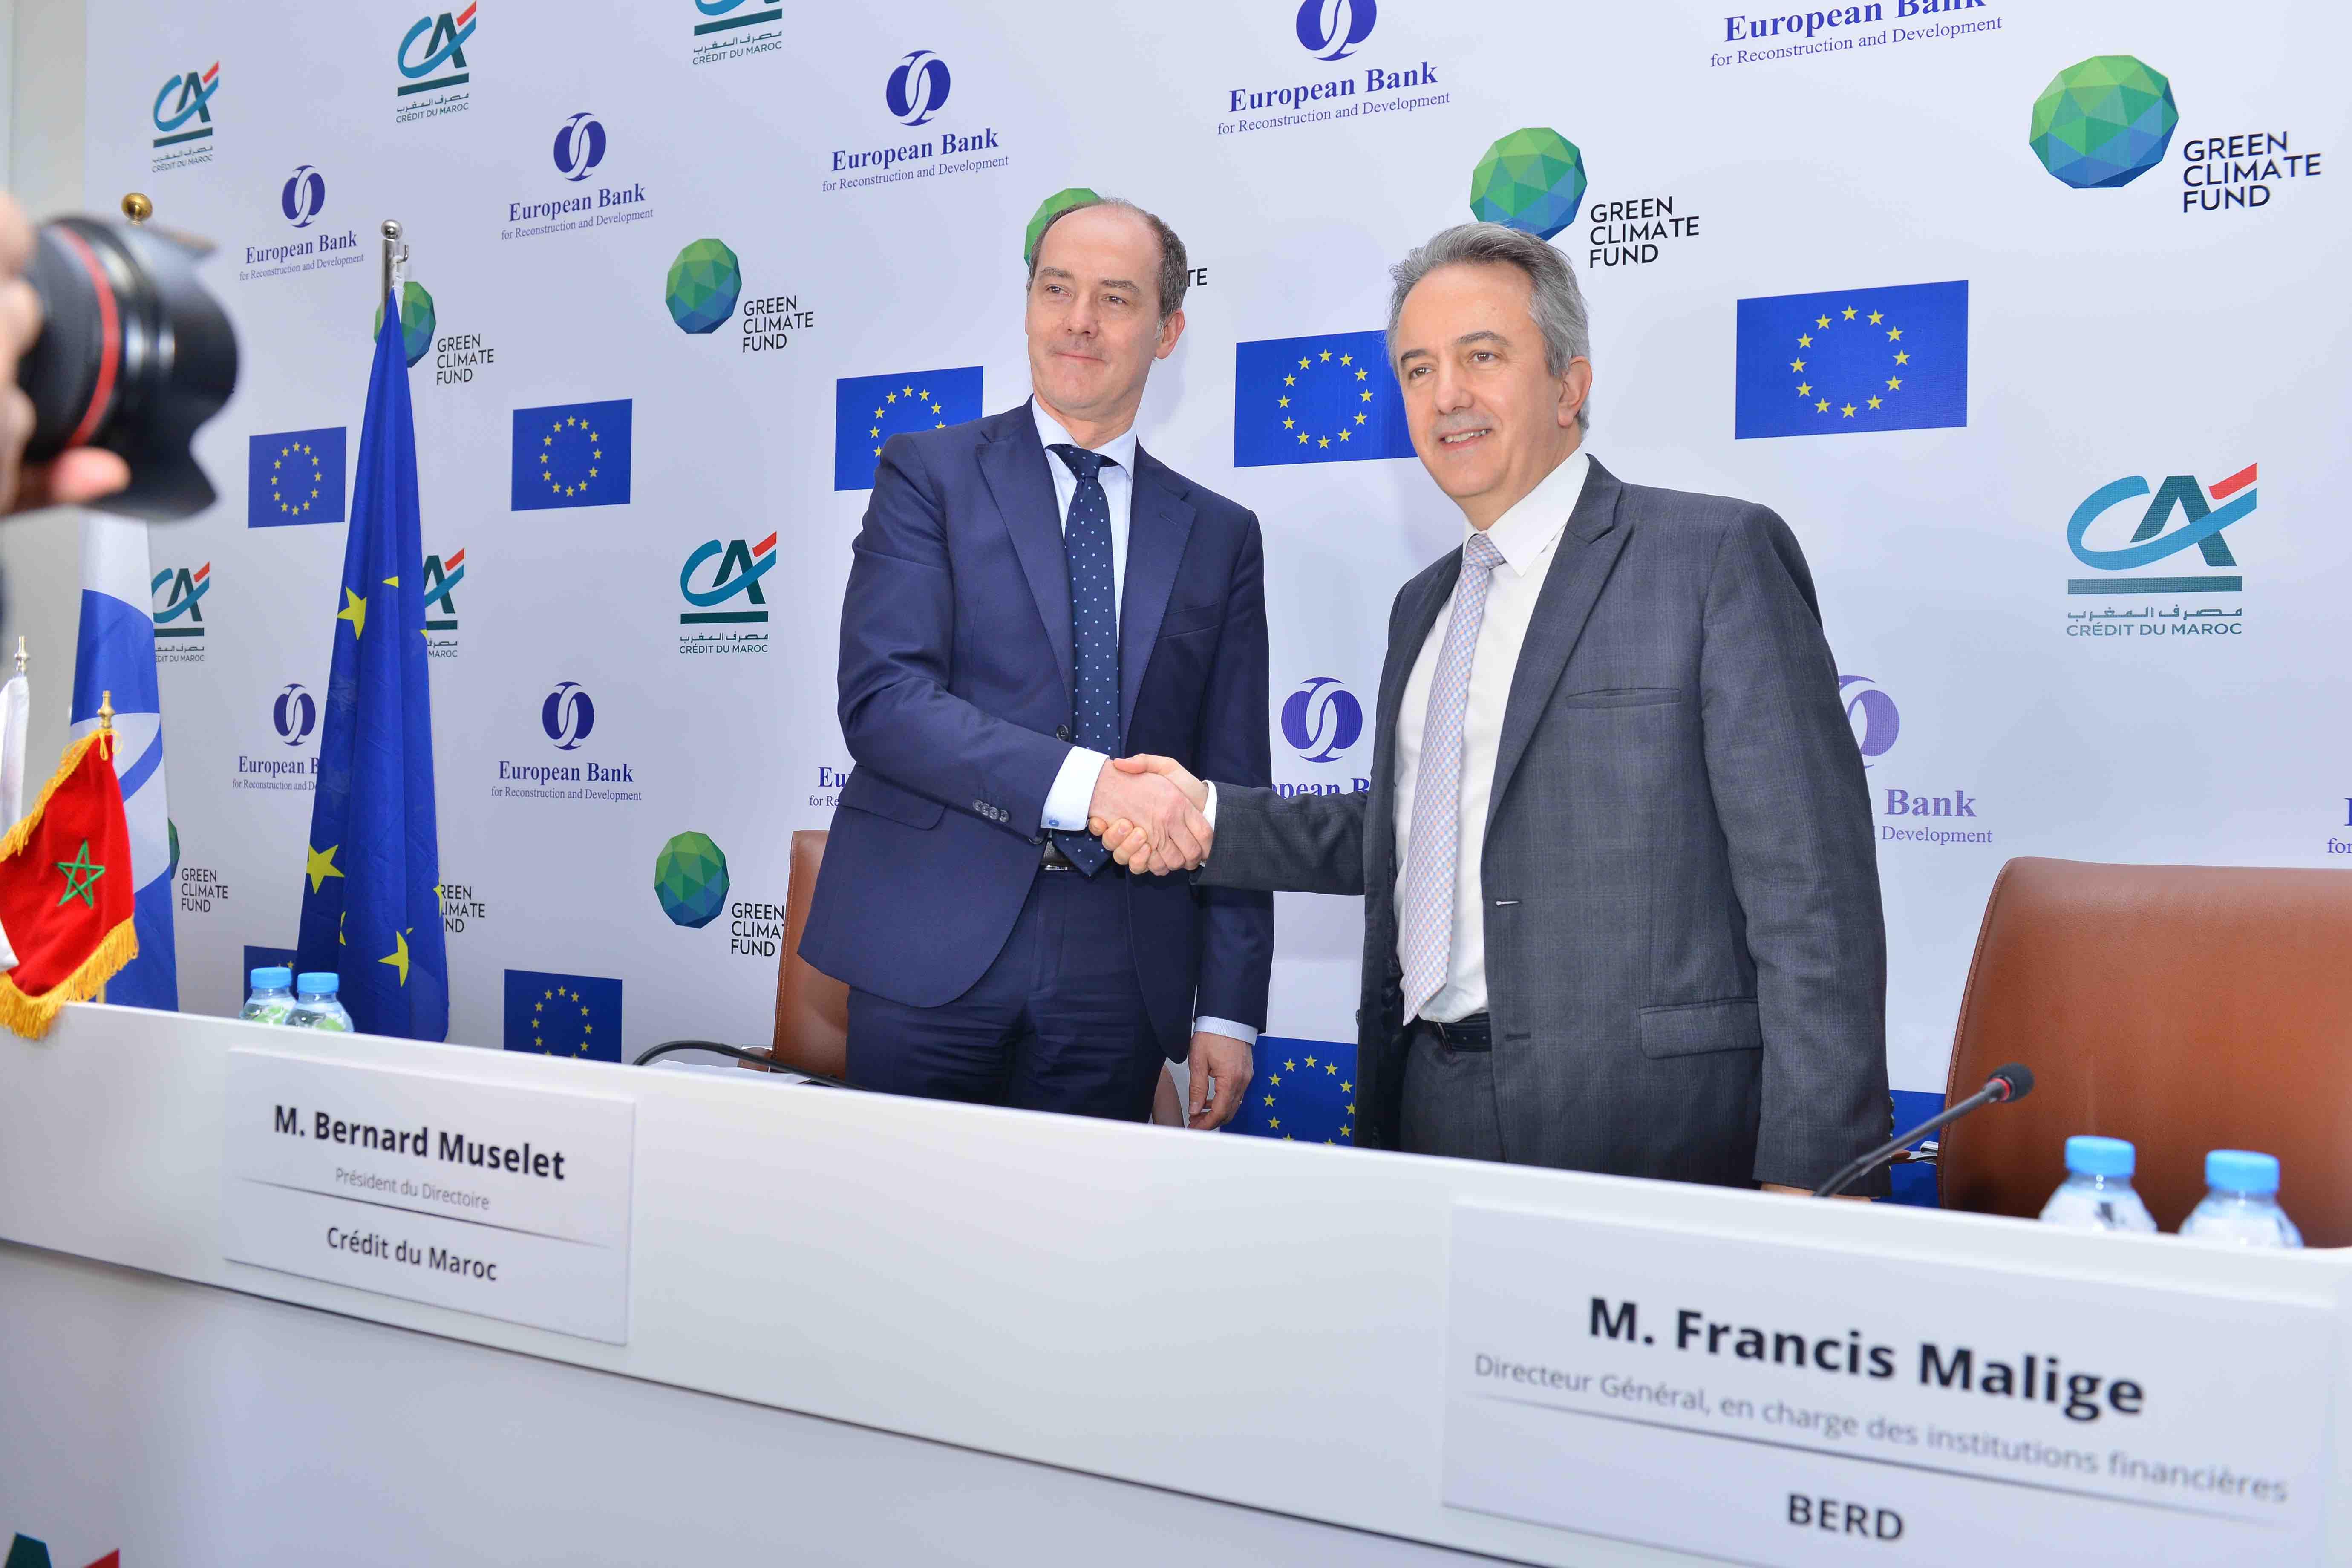 La BERD et Crédit du Maroc au chevet de l'économie verte